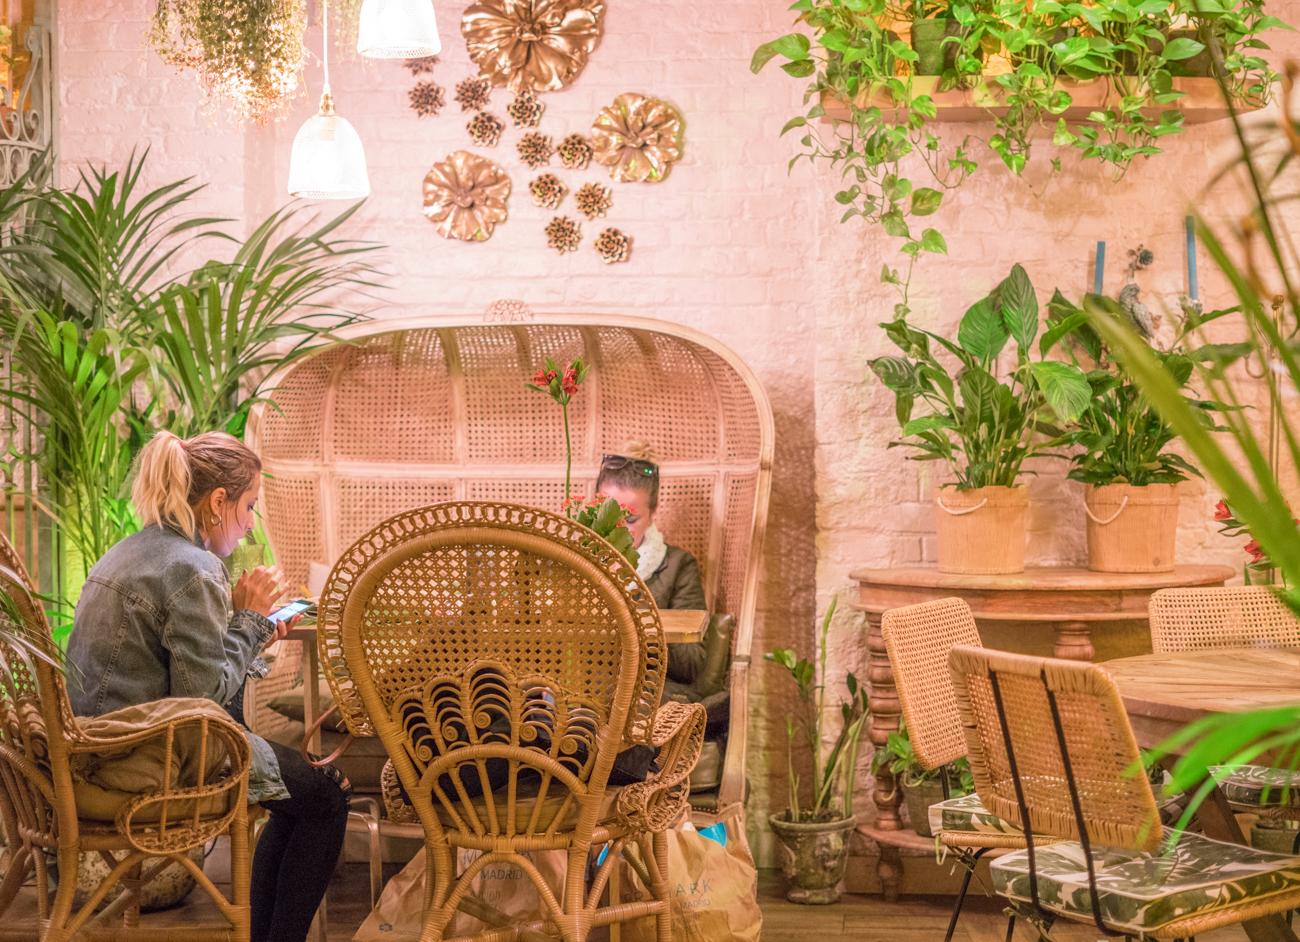 El invernadero de salvador bachiller Instagram worthy spots in Madrid